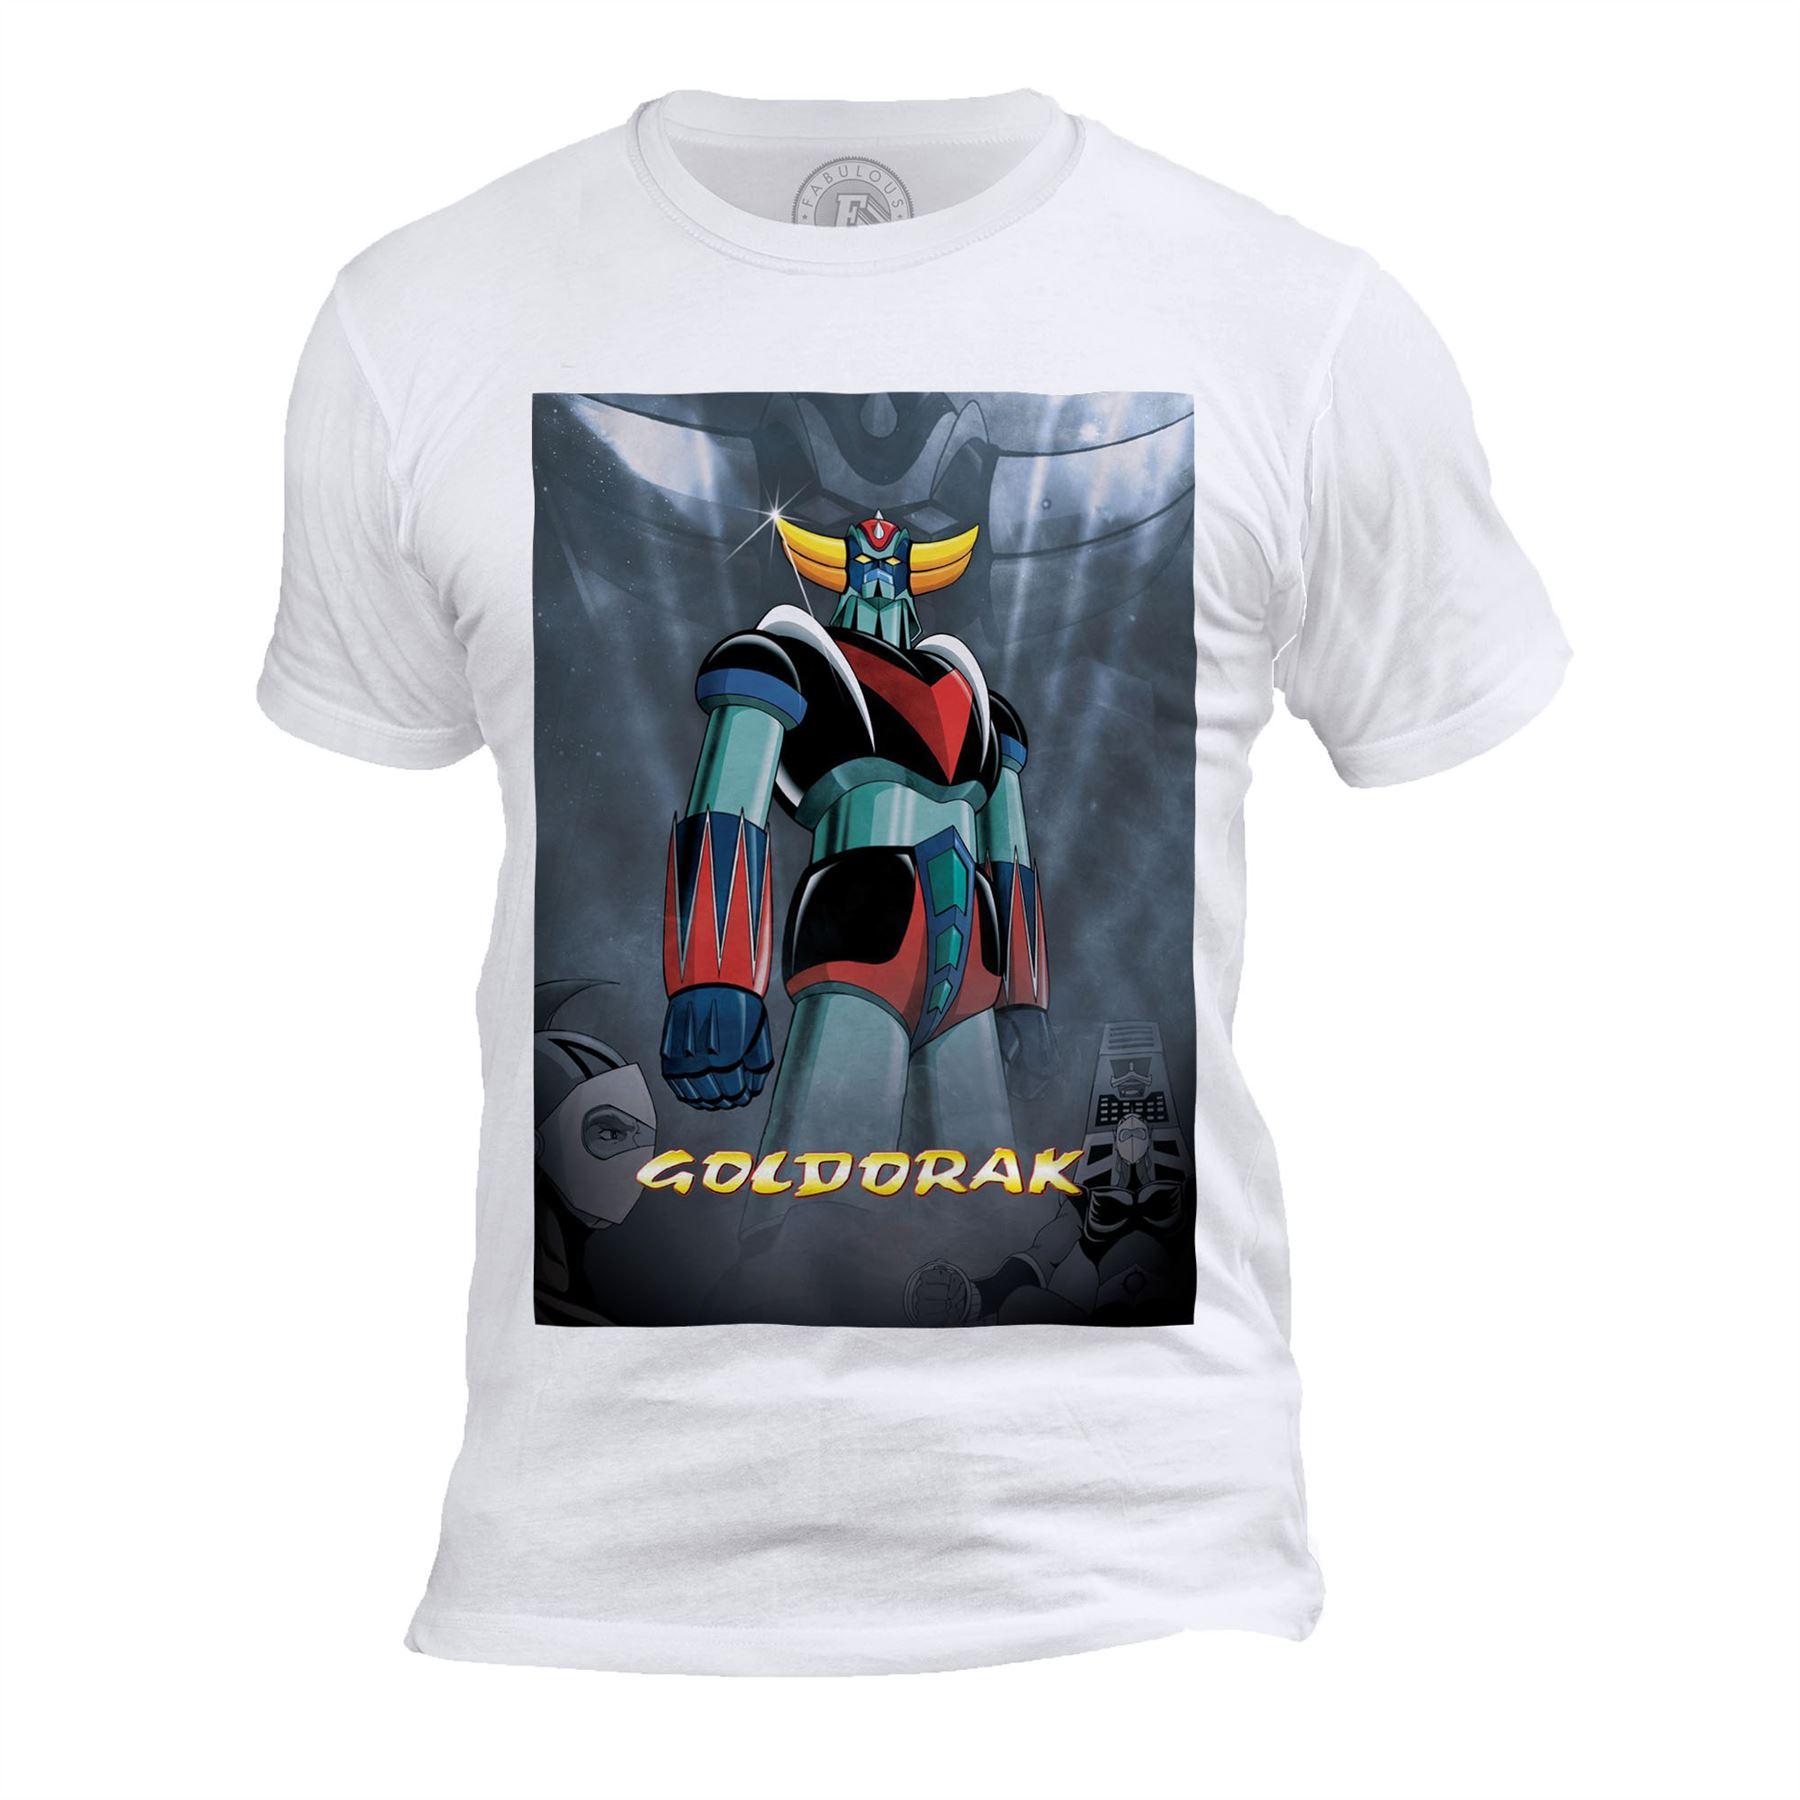 Détails Sur T-Shirt Homme Col Rond Goldorak Couleur Hero Manga Robot Dessin  Anime dedans Photos Goldorak Gratuit